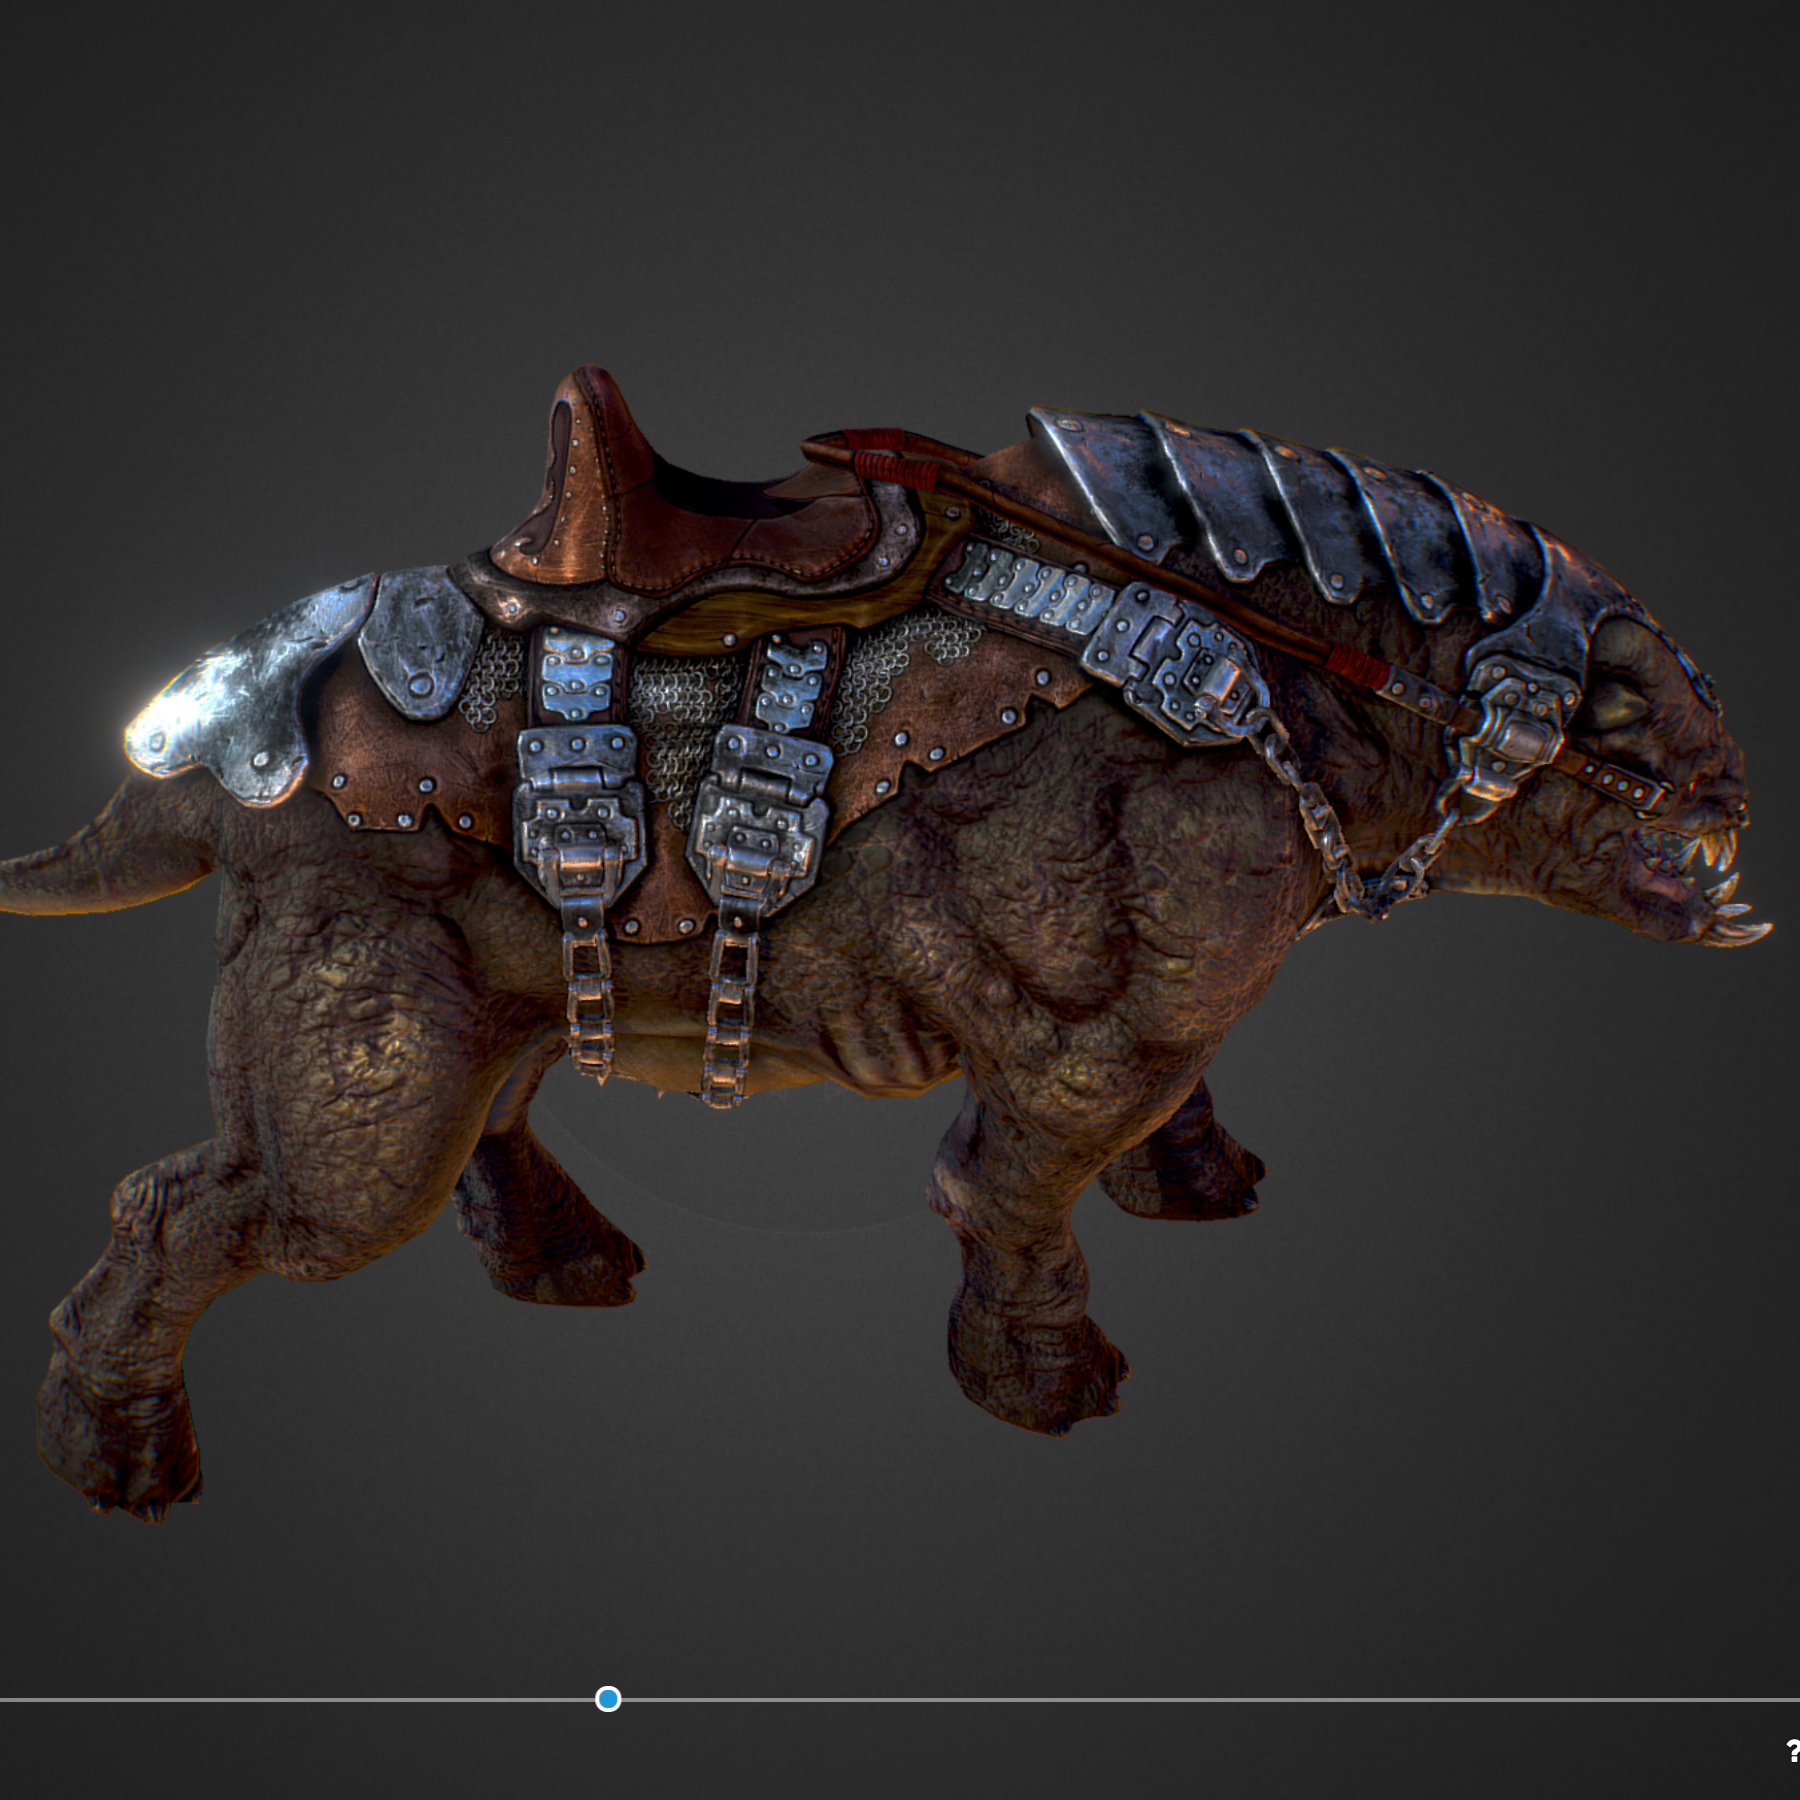 creature mount mastodont 3d model max  fbx ma mb obj 272411